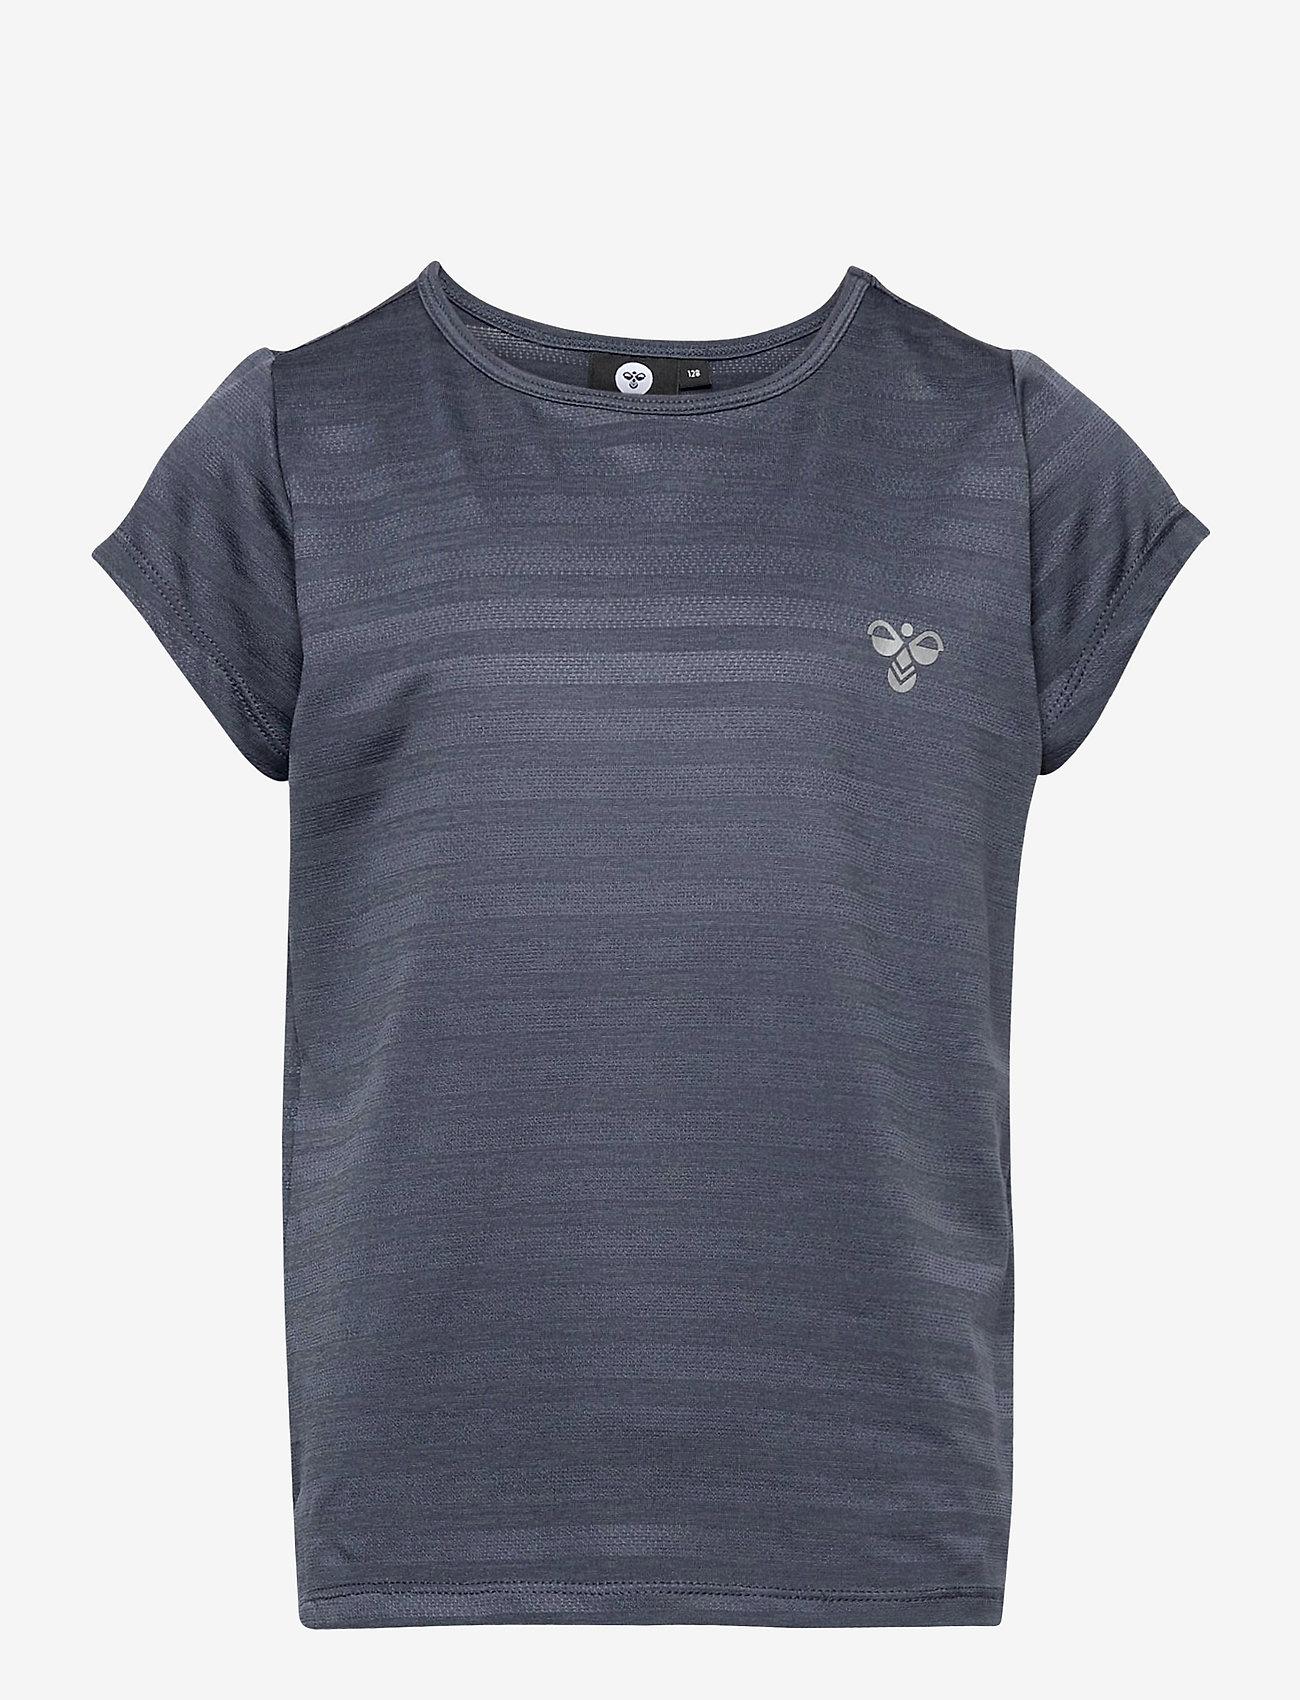 Hummel - hmlSUTKIN T-SHIRT S/S - short-sleeved - ombre blue - 0